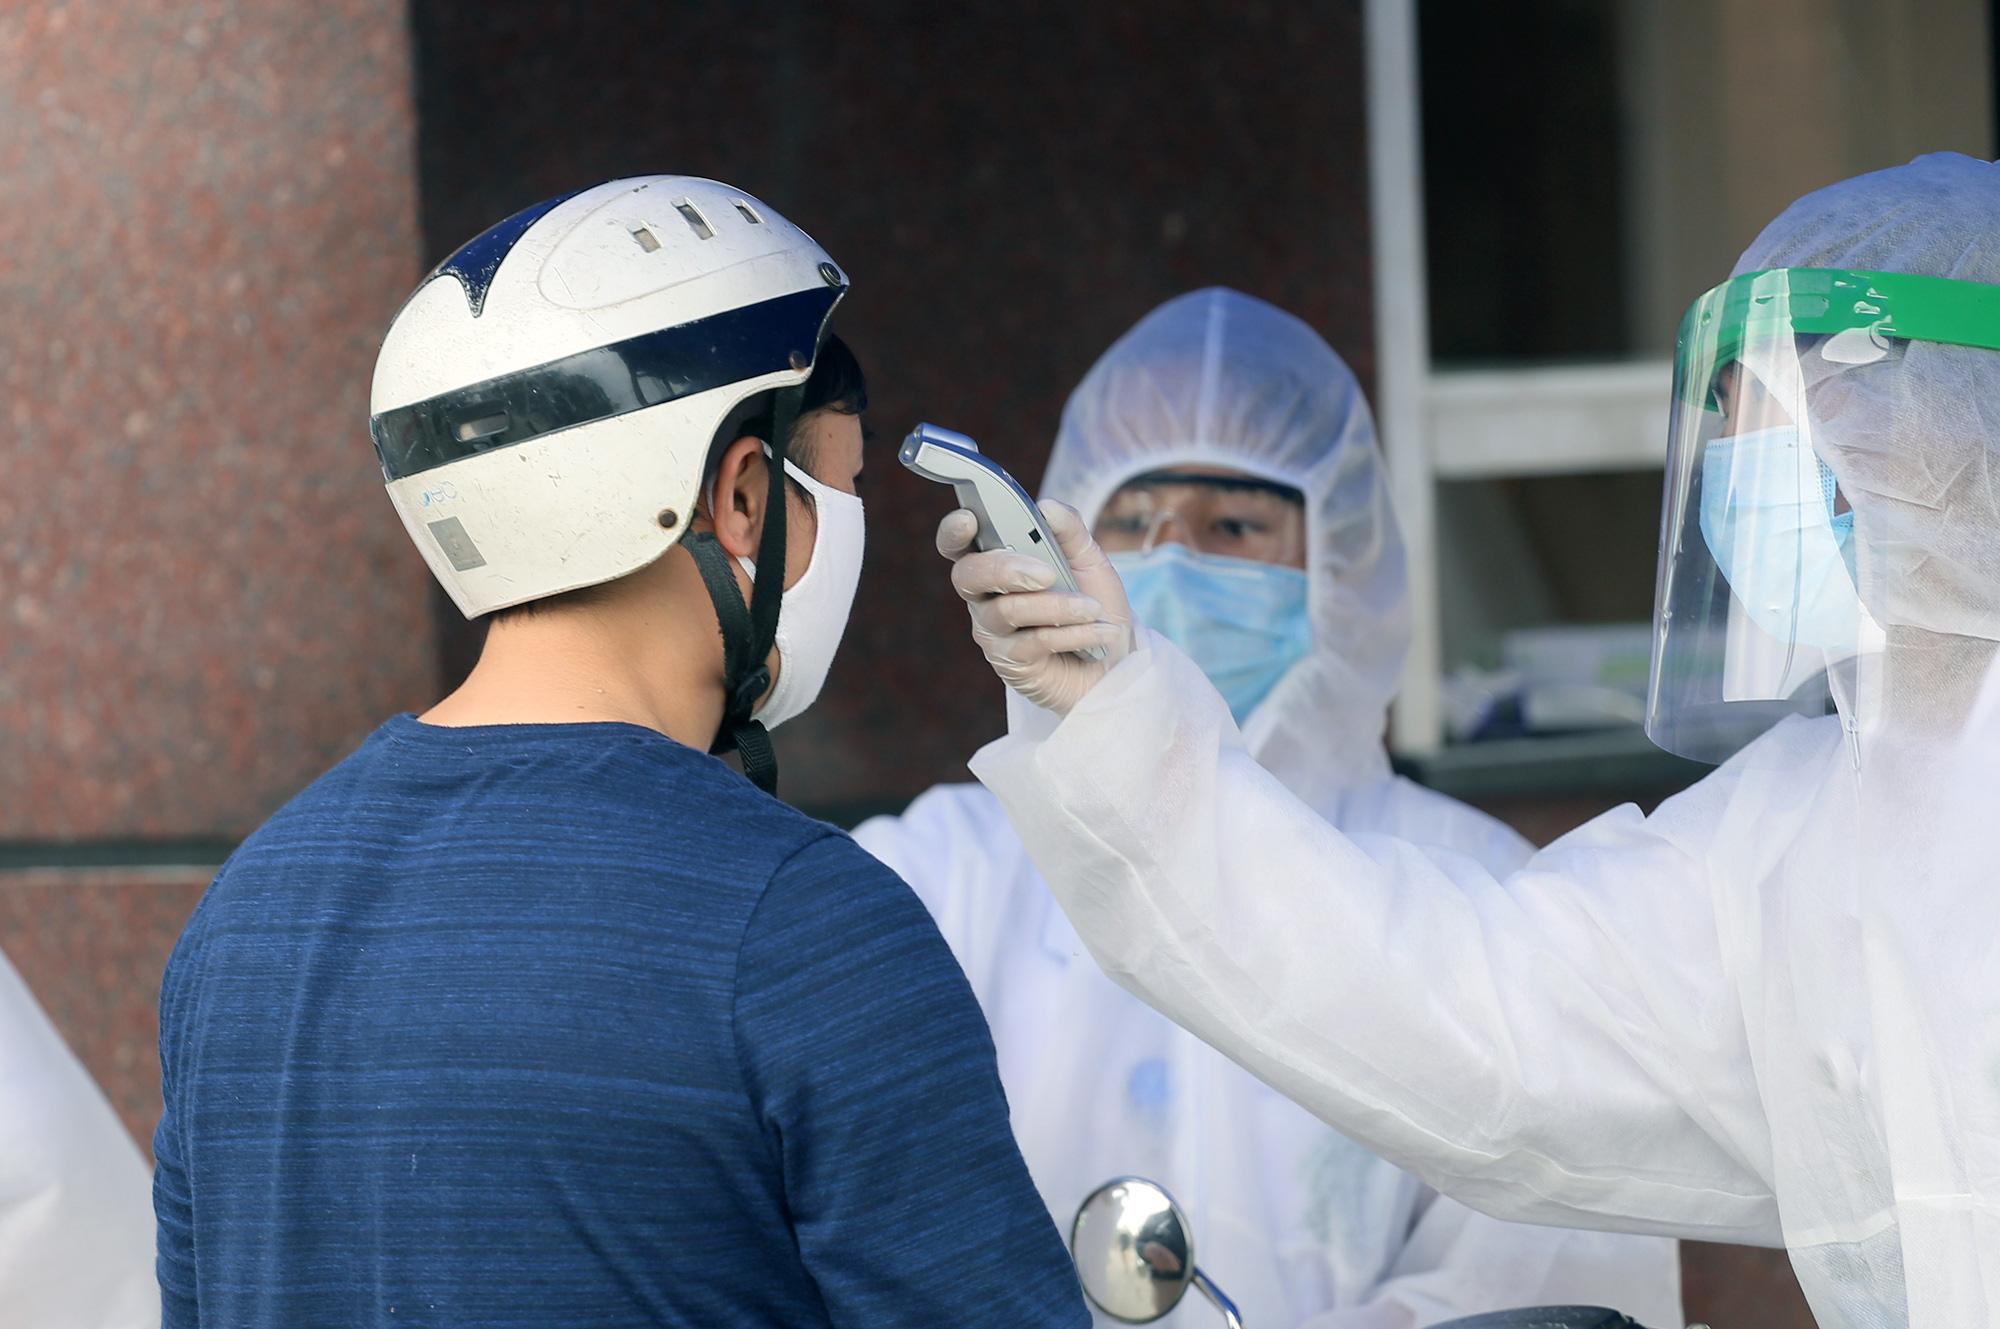 Cập nhật tình hình virus corona ở Việt Nam ngày 3/4: Đã loại trừ 15.814 trường hợp nghi ngờ, dự kiến thêm 6 người xuất viện - Ảnh 1.